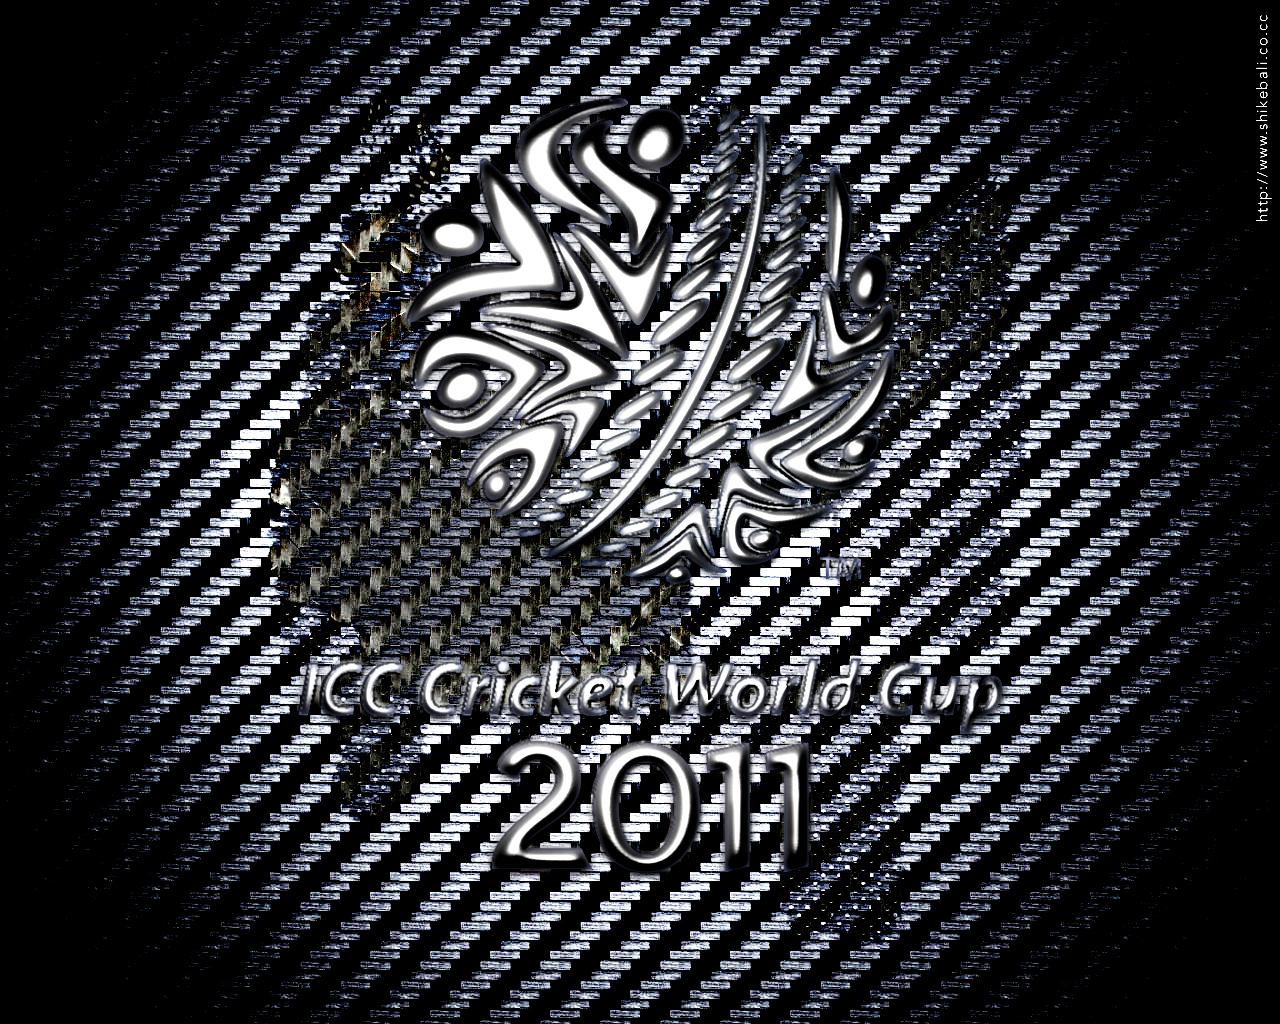 http://2.bp.blogspot.com/-93FWsrga6dQ/TVWqzN80AEI/AAAAAAAAAR8/SlIoxPRjM0U/s1600/worldCup2011_05.jpg